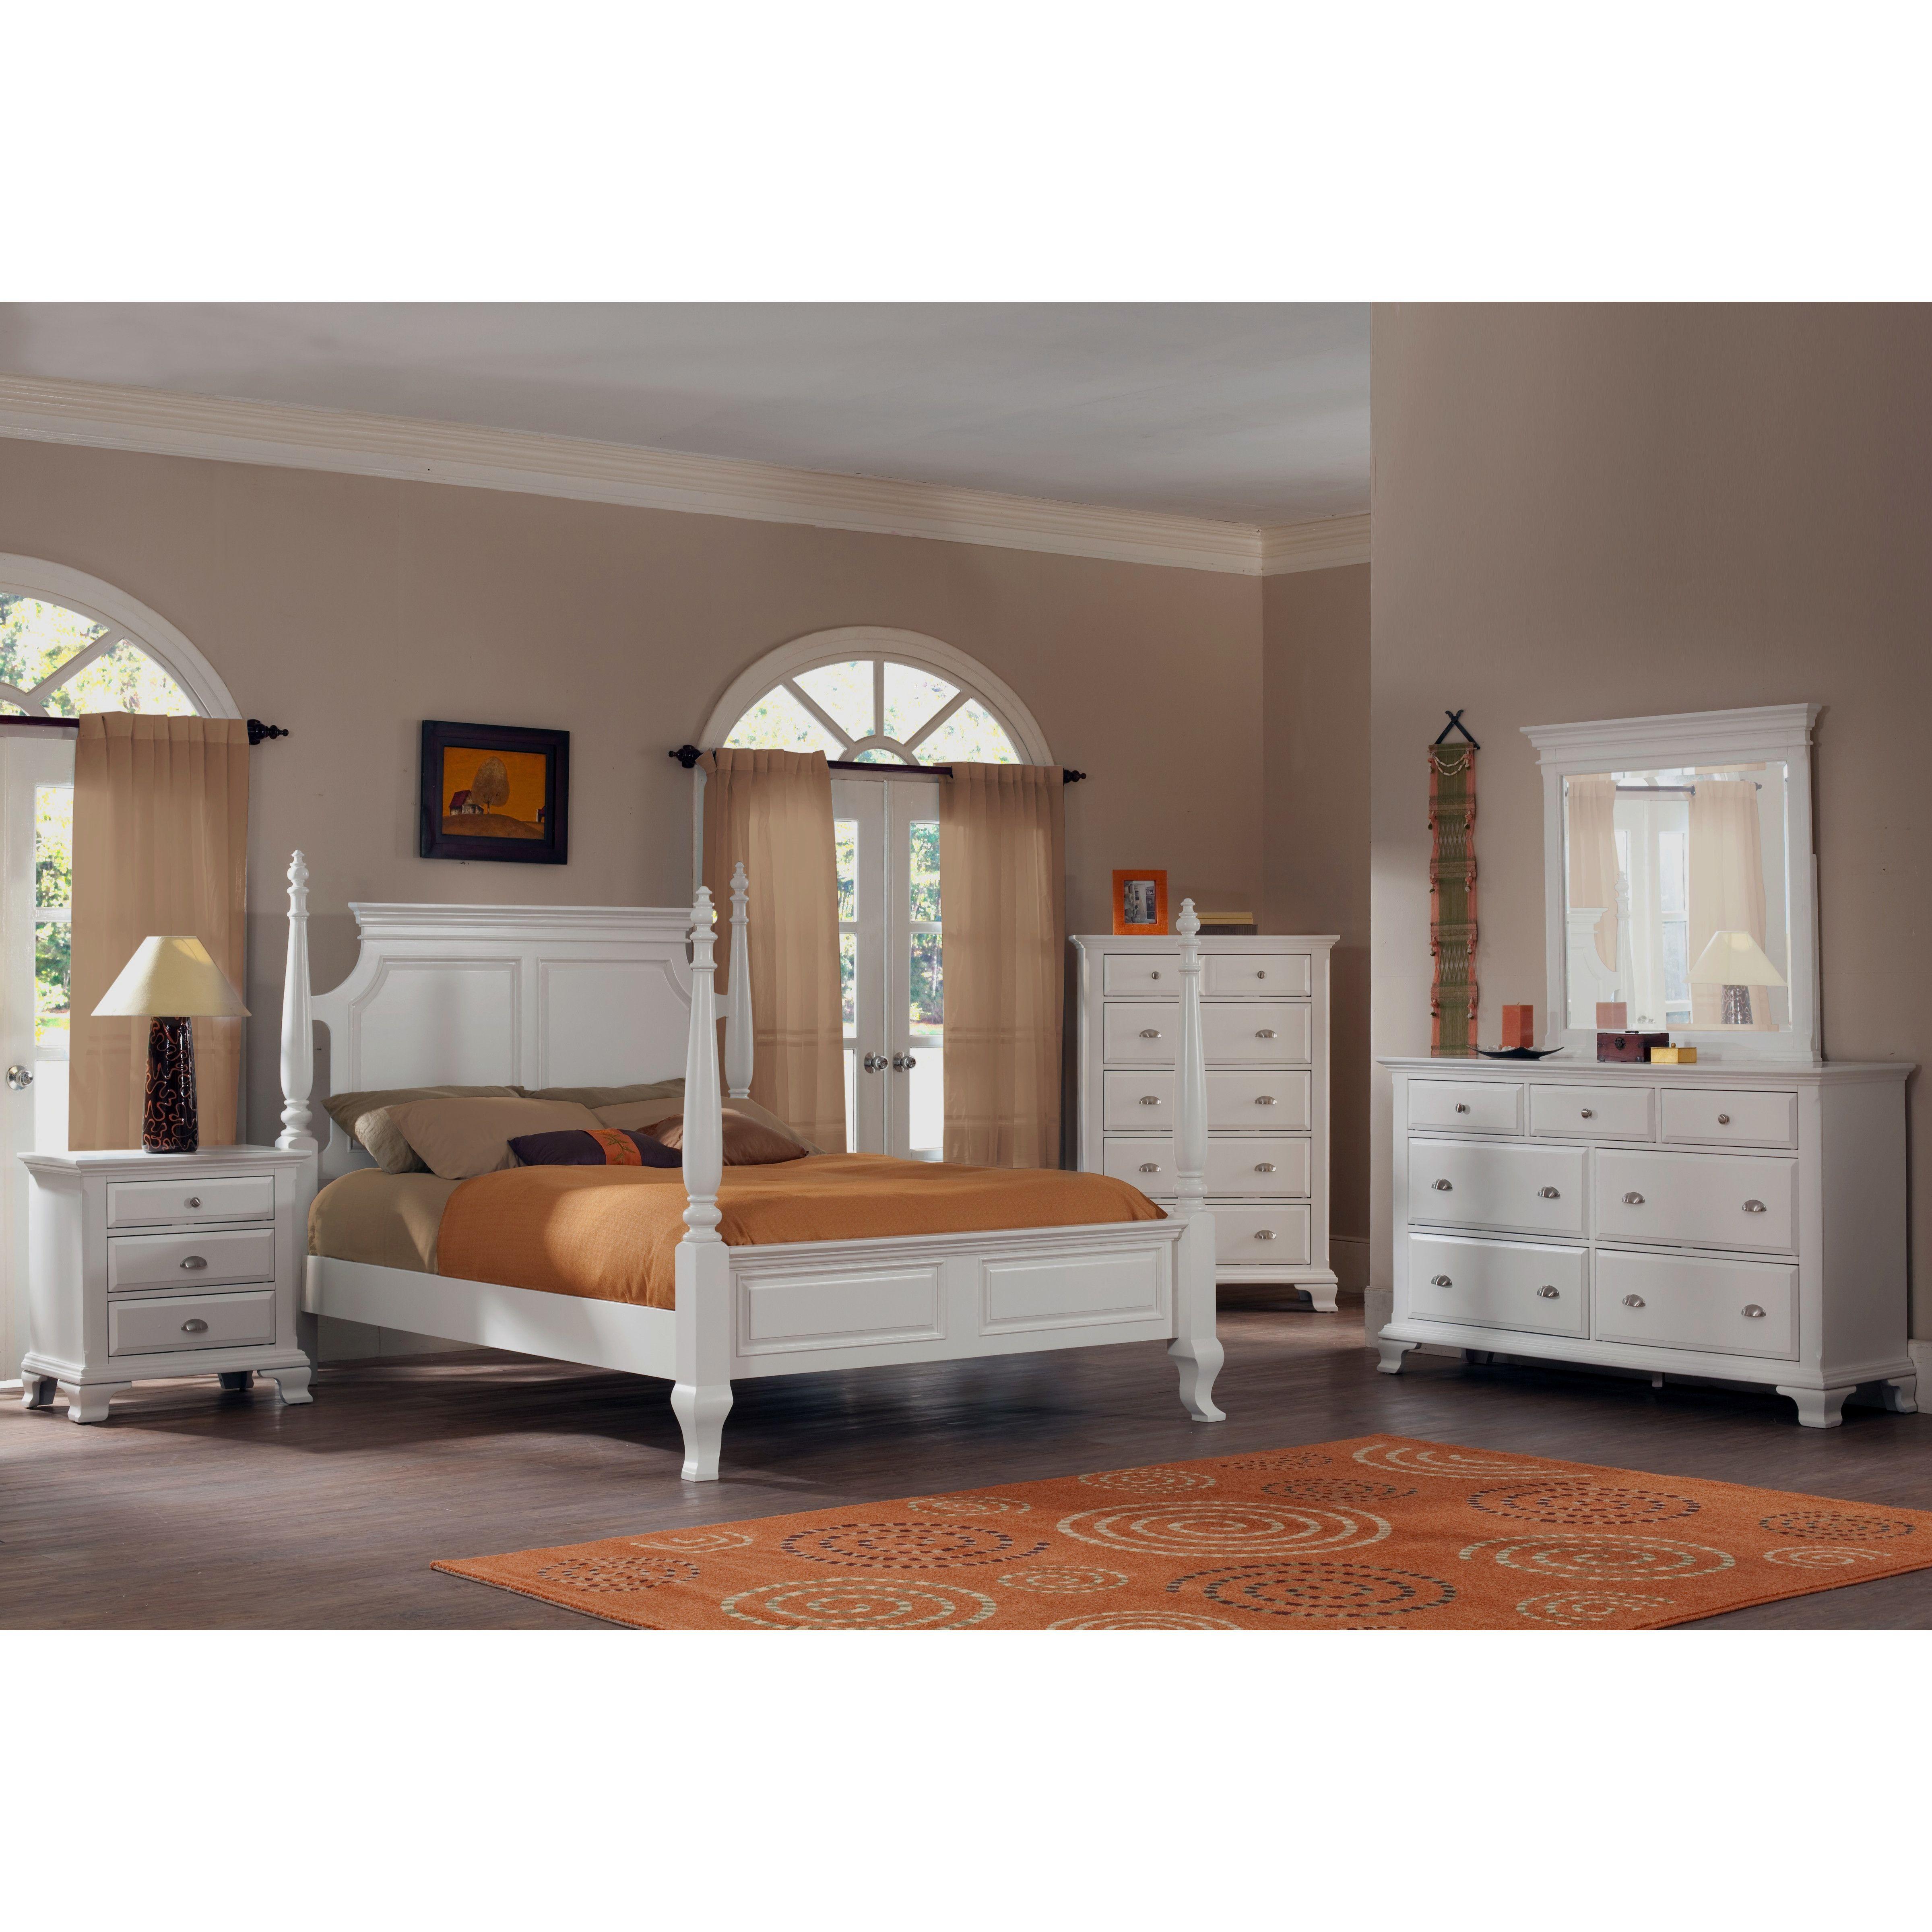 Laveno 012 Bedroom Furniture Set Includes King